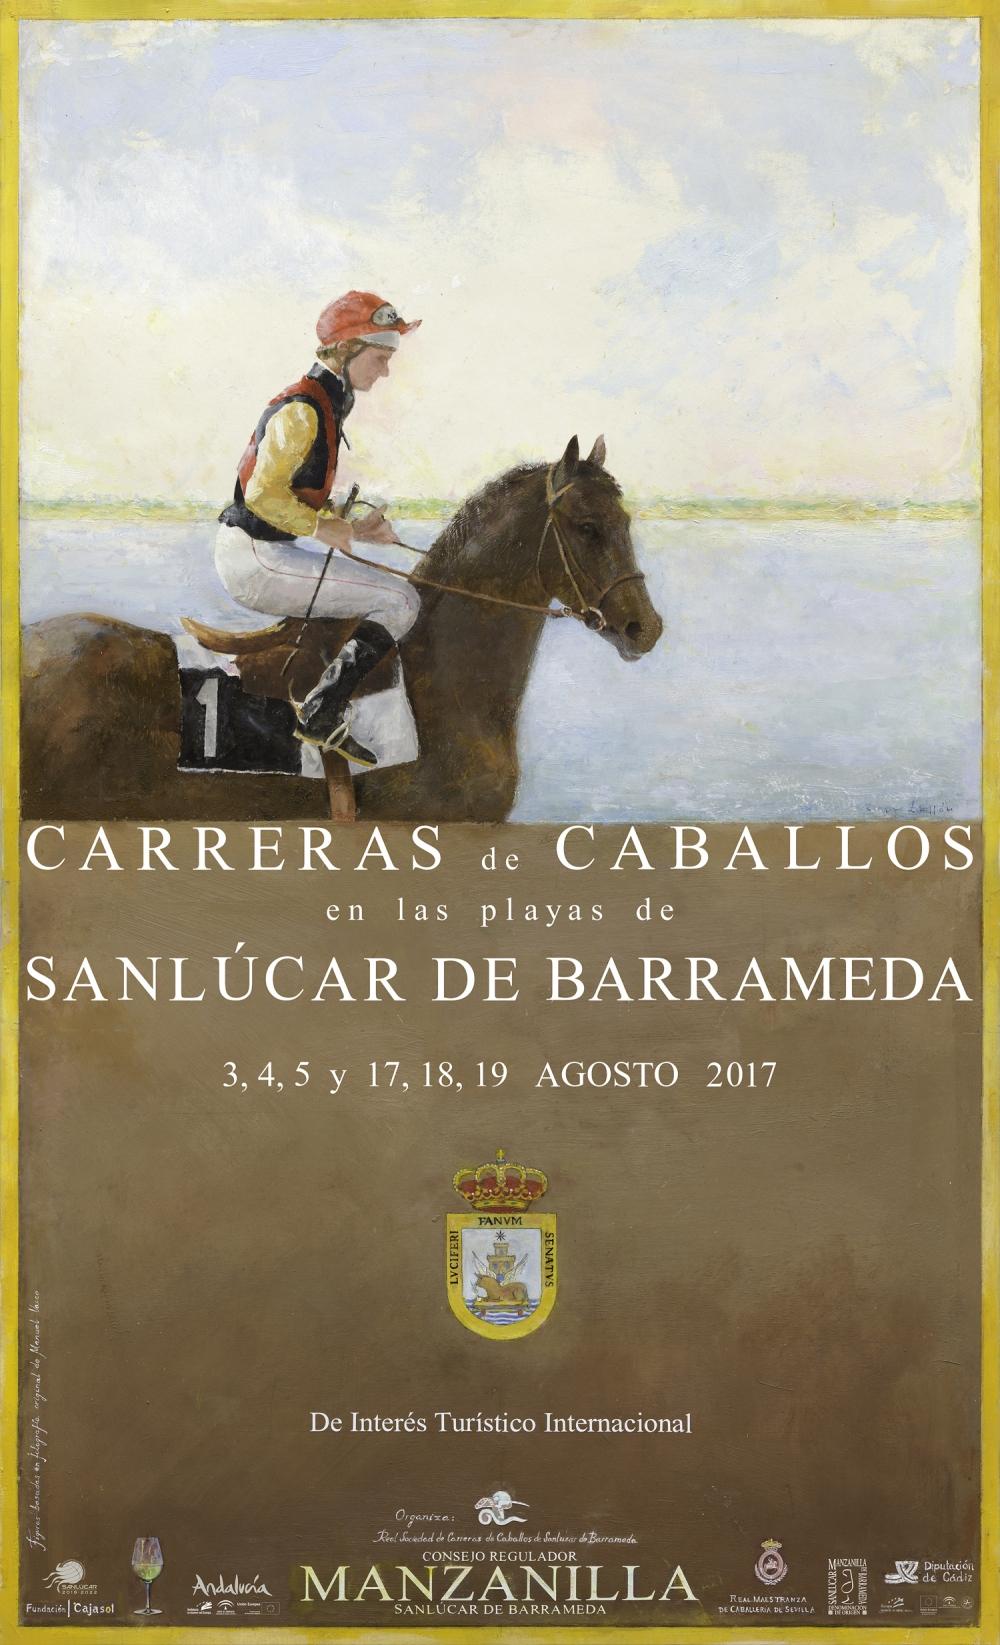 Discover Sherry recommends: Carreras de Caballos en Sanlúcar de Barrameda / Horse racing in Sanlúcar deBarrameda